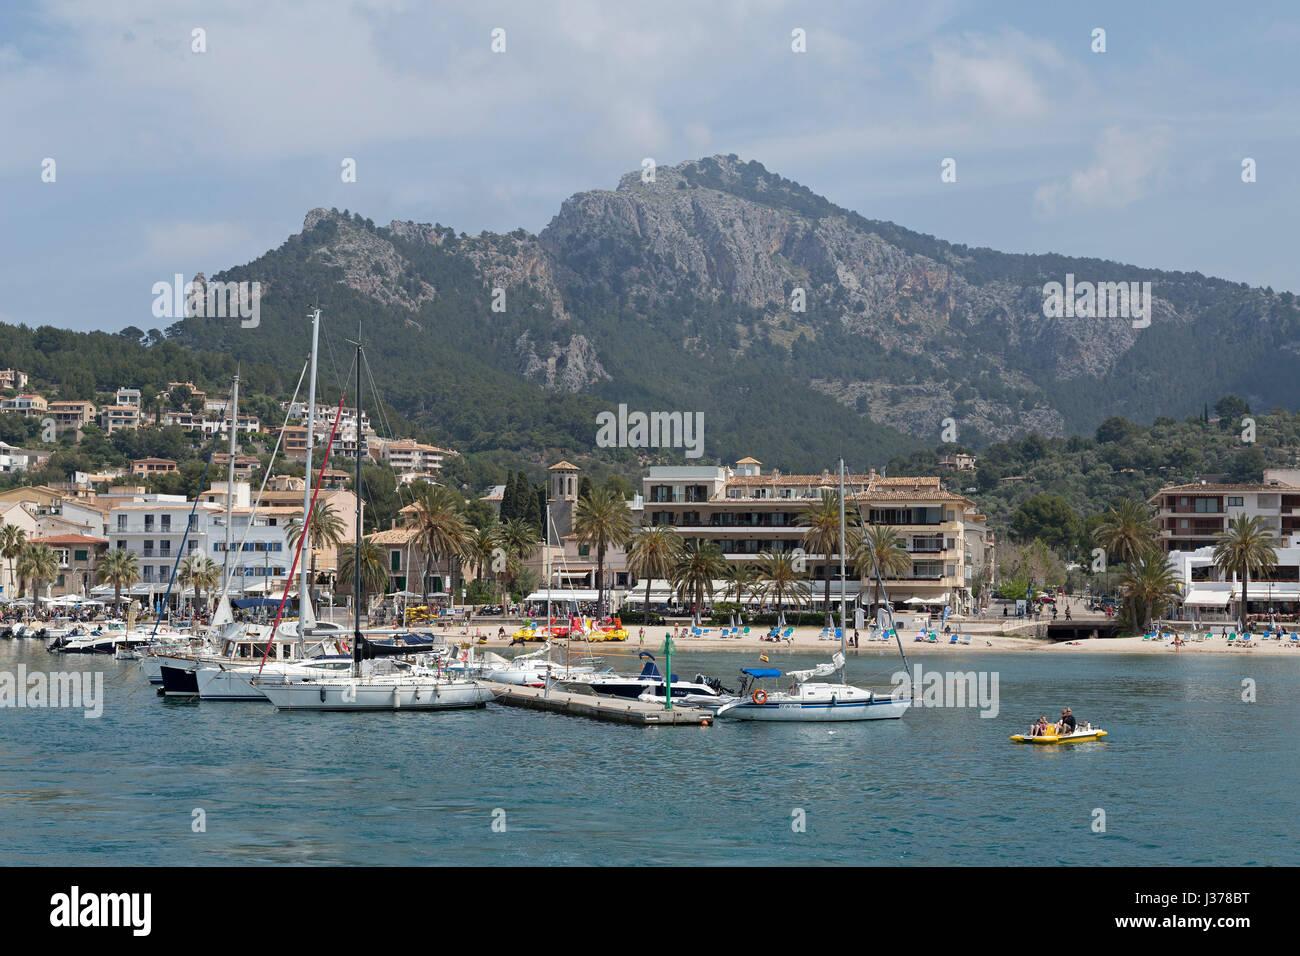 Hafen von Port de Sóller, Mallorca, Spanien Stockbild